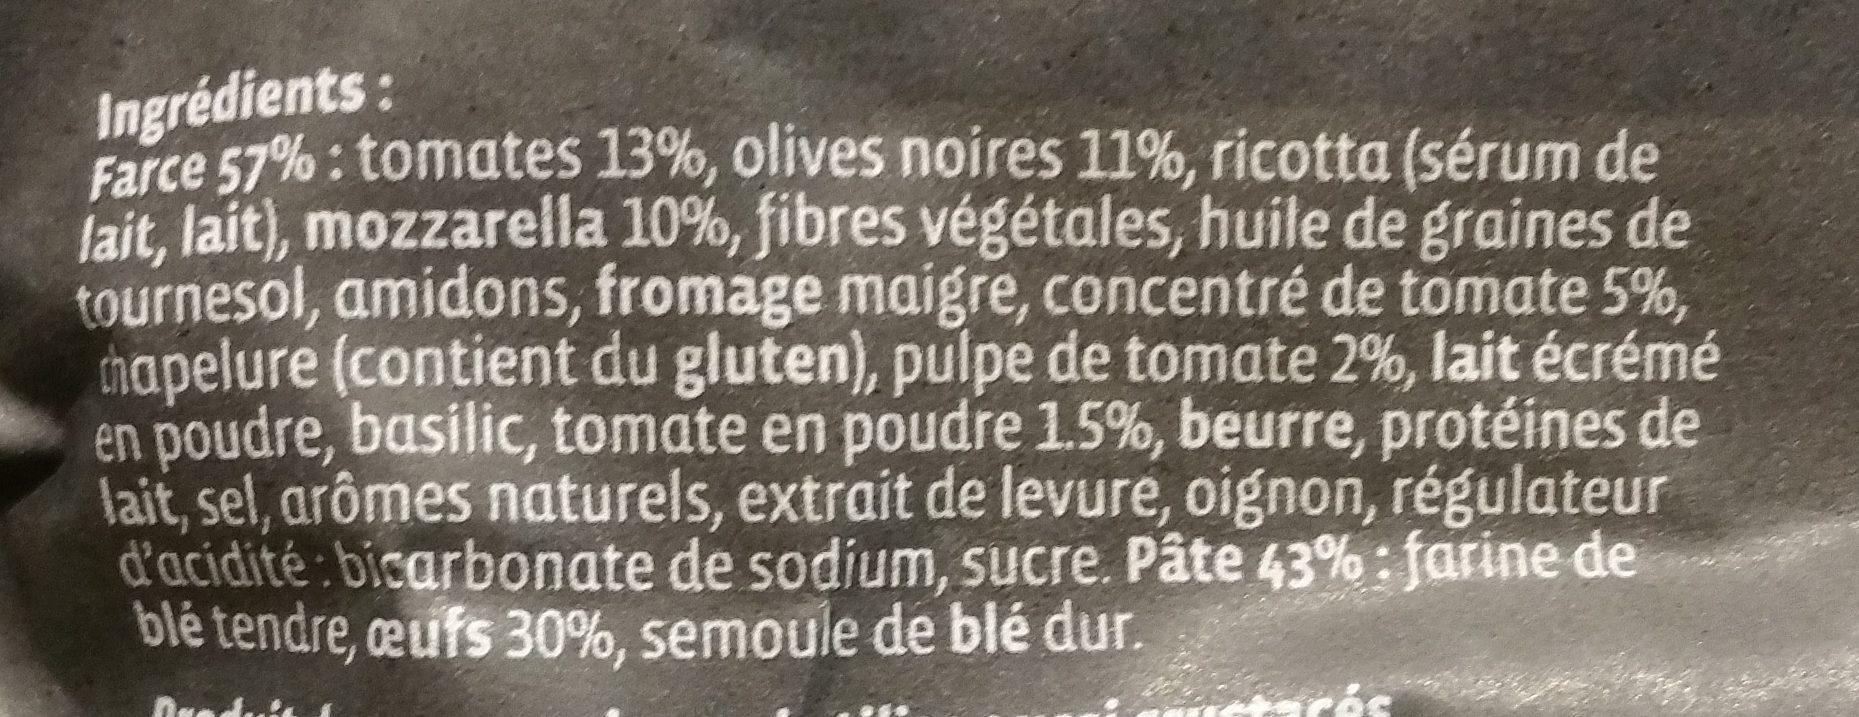 Grand Ravioli Tomates et Mozzarella aux Olives Concassées - Ingrédients - fr